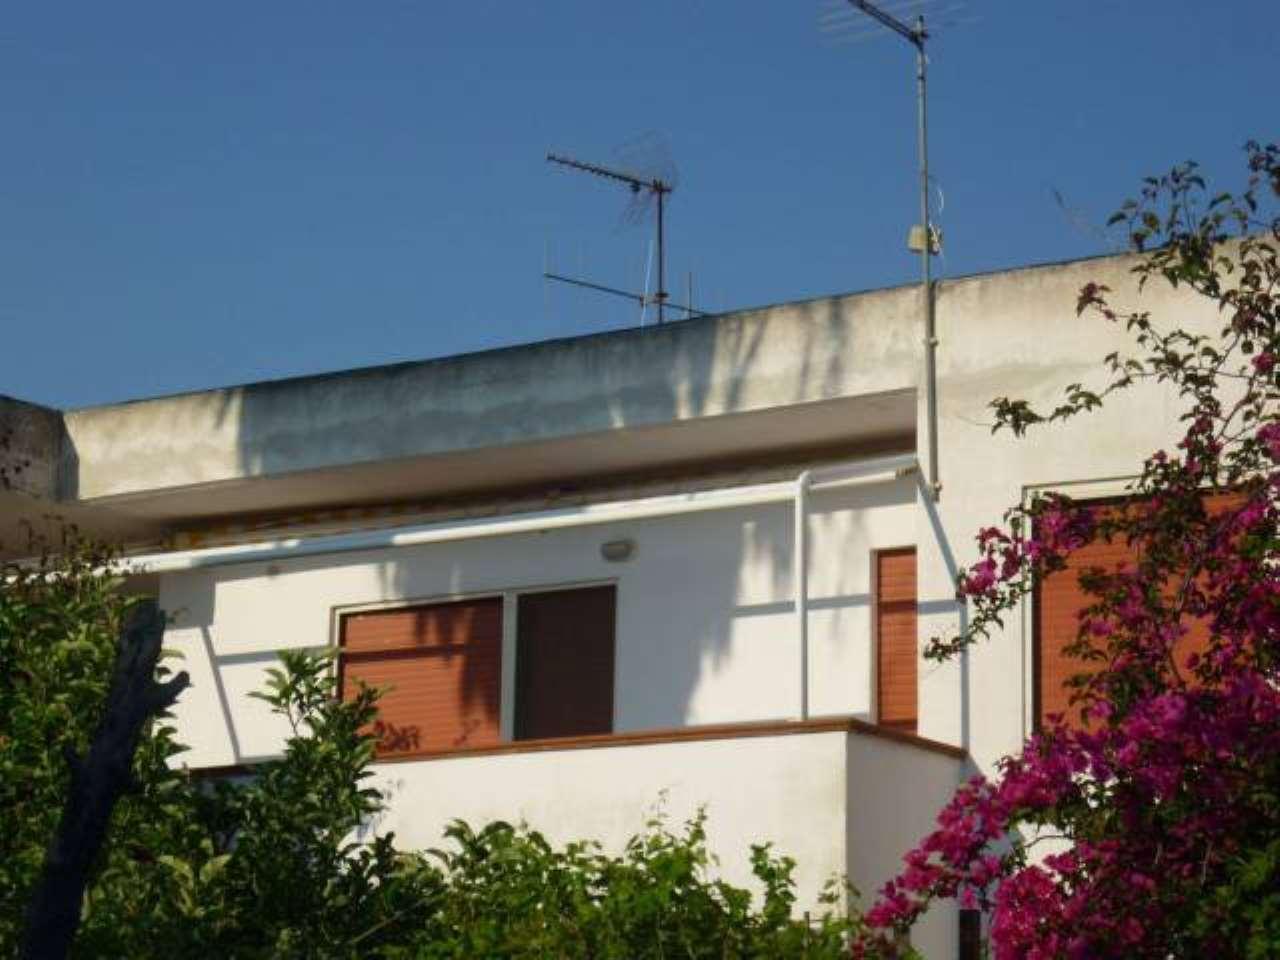 Appartamento in vendita a Isola di Capo Rizzuto, 3 locali, prezzo € 35.000 | CambioCasa.it